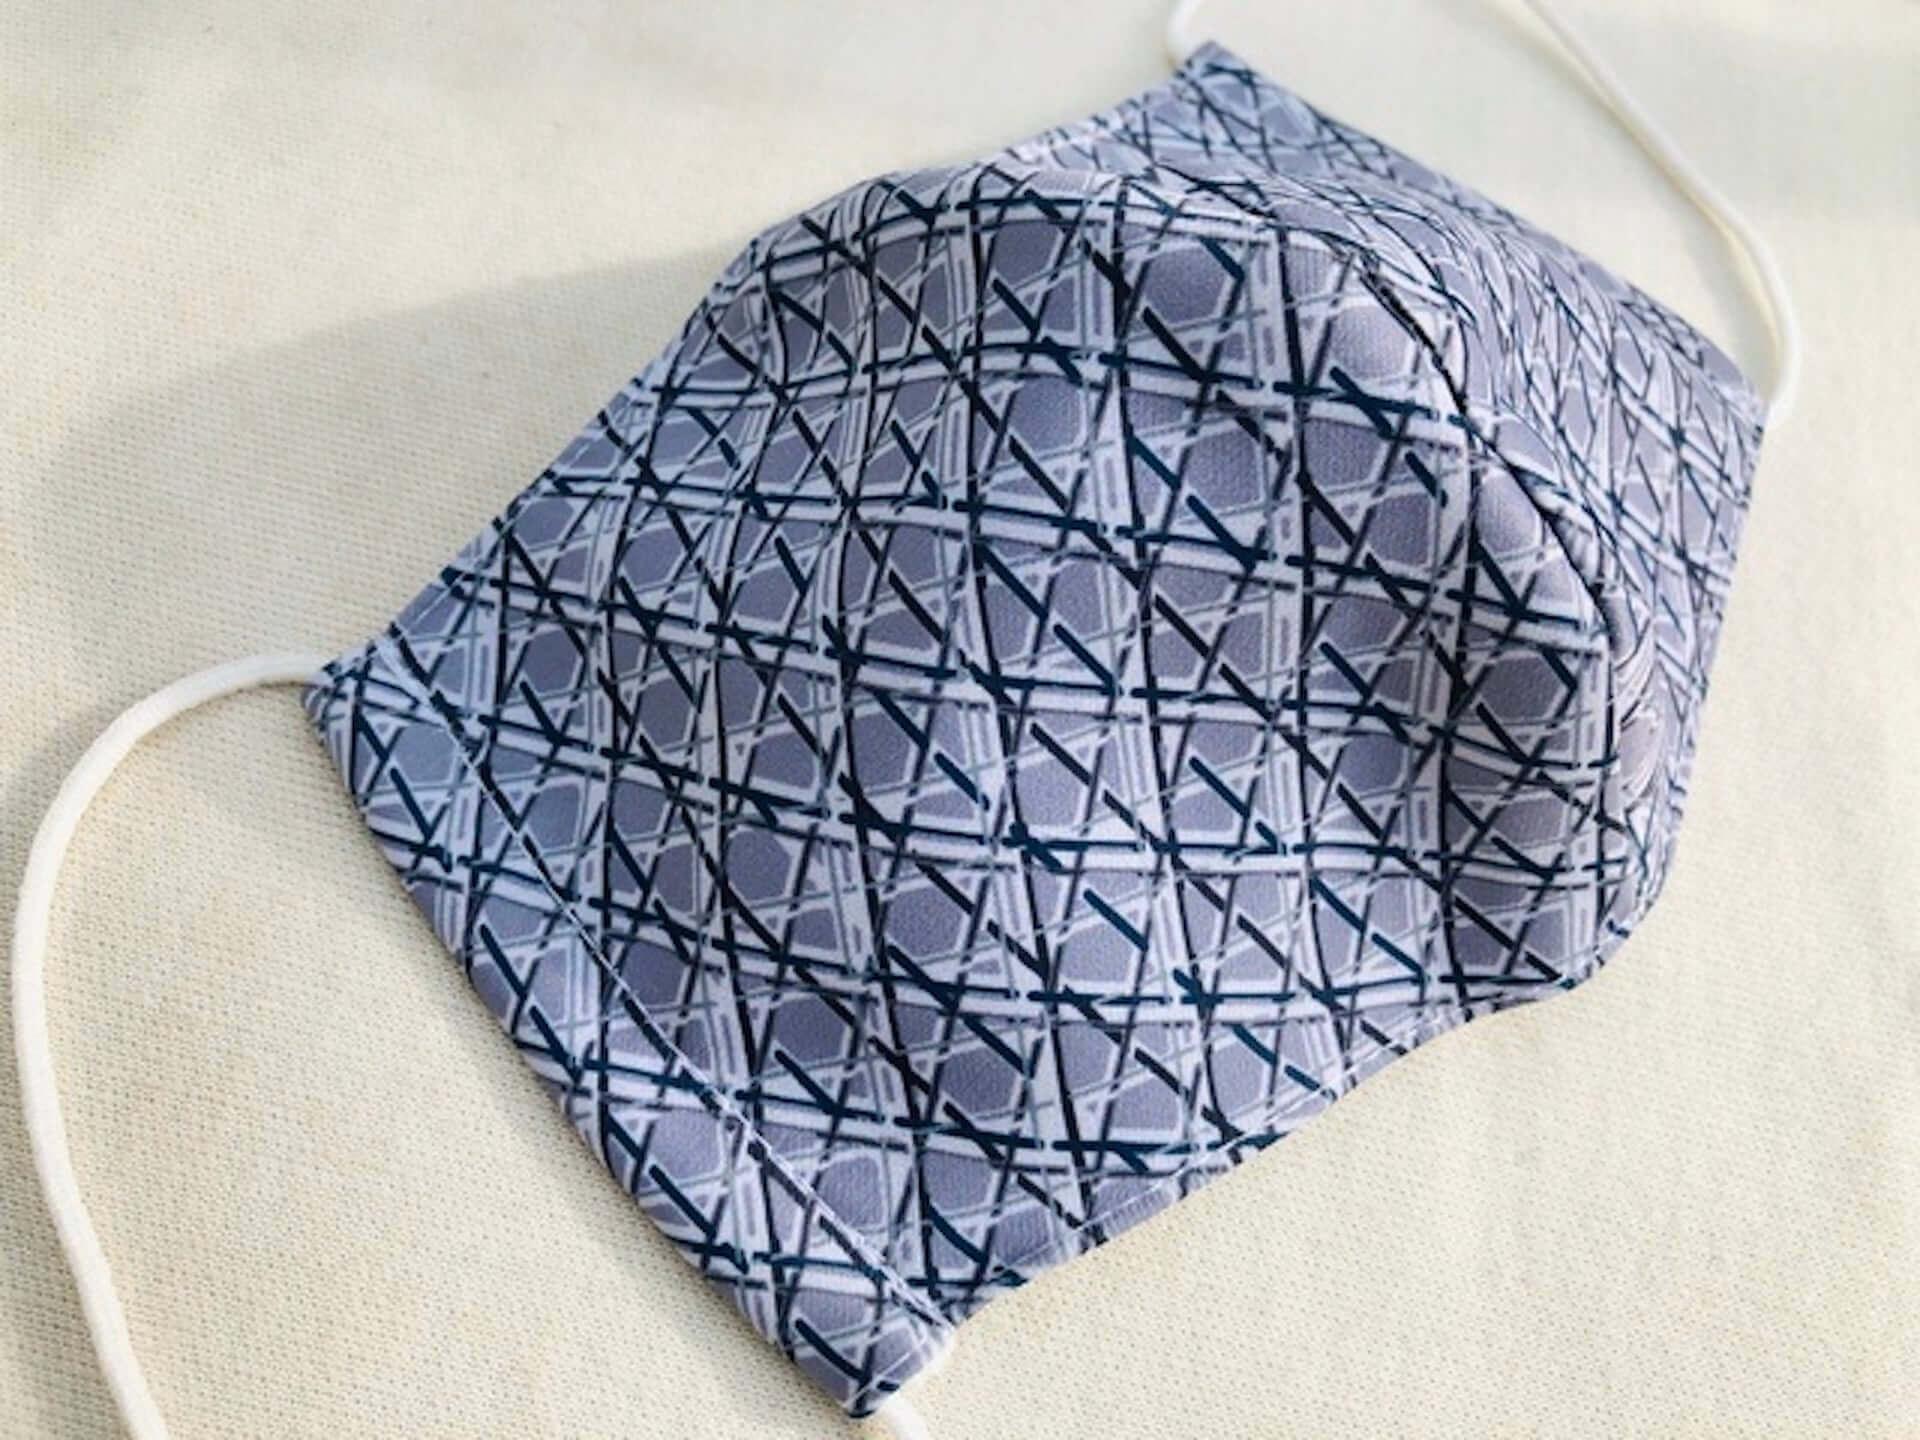 天然竹繊維糸を用いたサスティナブルな布マスク『COOL BAMBOO』がクラウドファンディング「Makuake」にて発売! lf200709_mask_coolbamboo_2-1920x1440